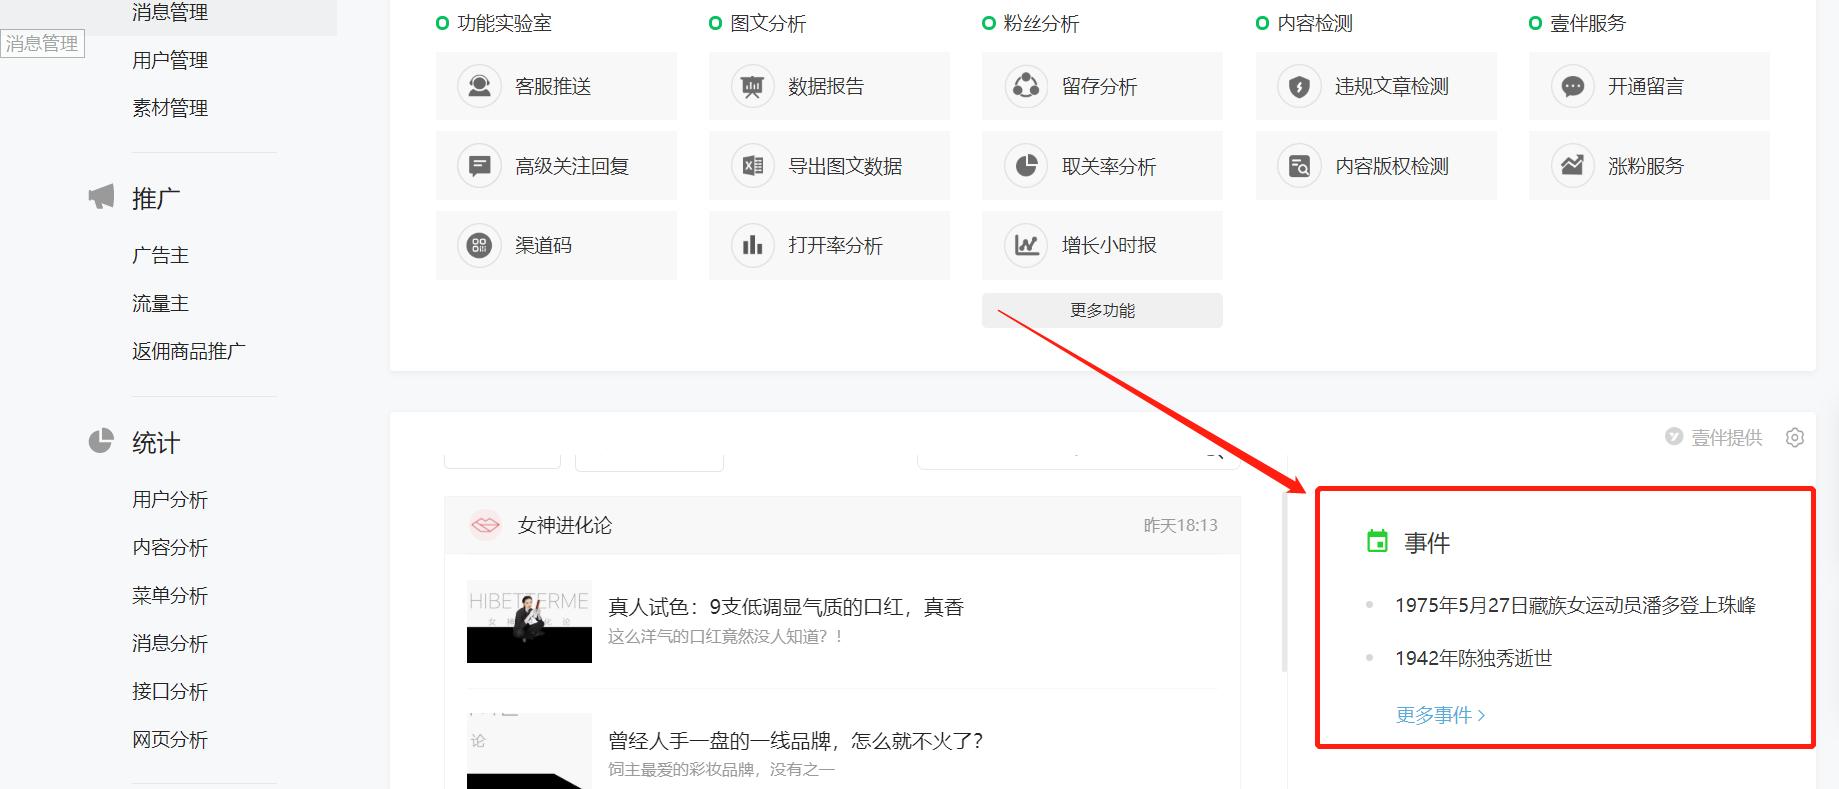 壹伴-如何查看热点营销日历简介